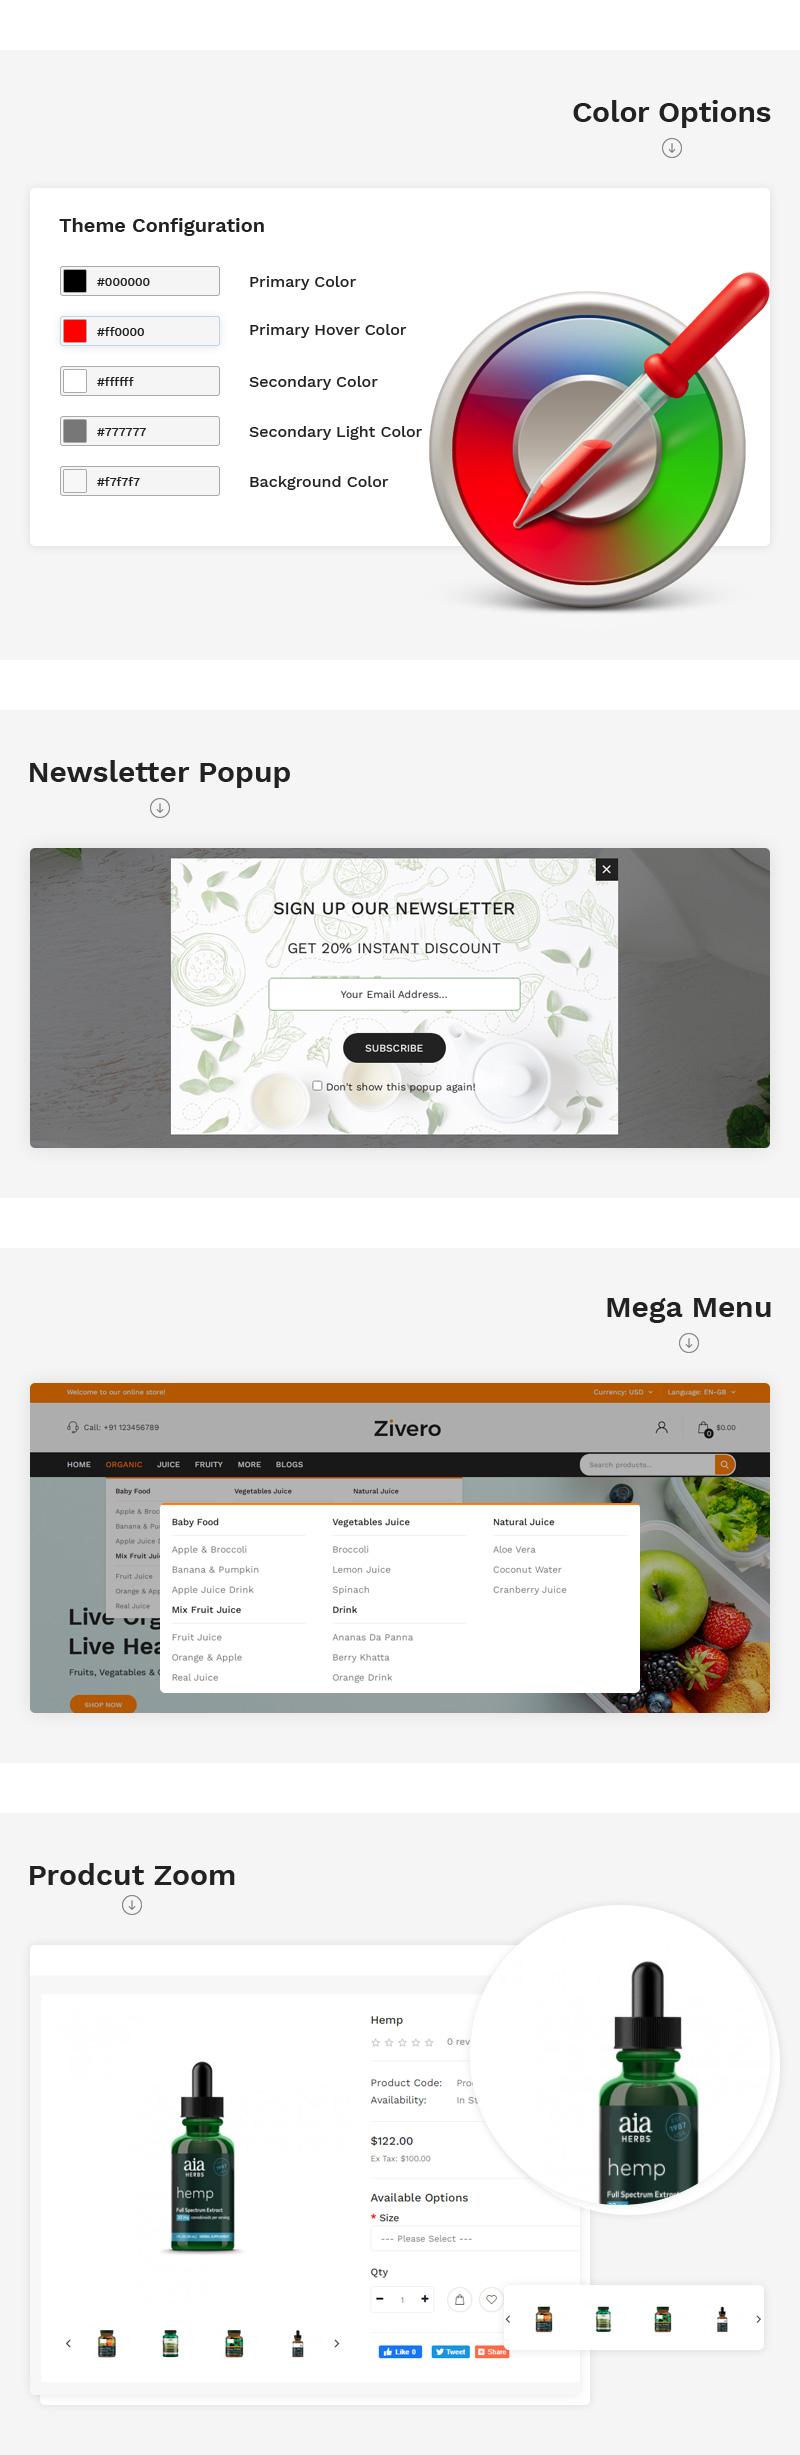 zivero-features-4.jpg